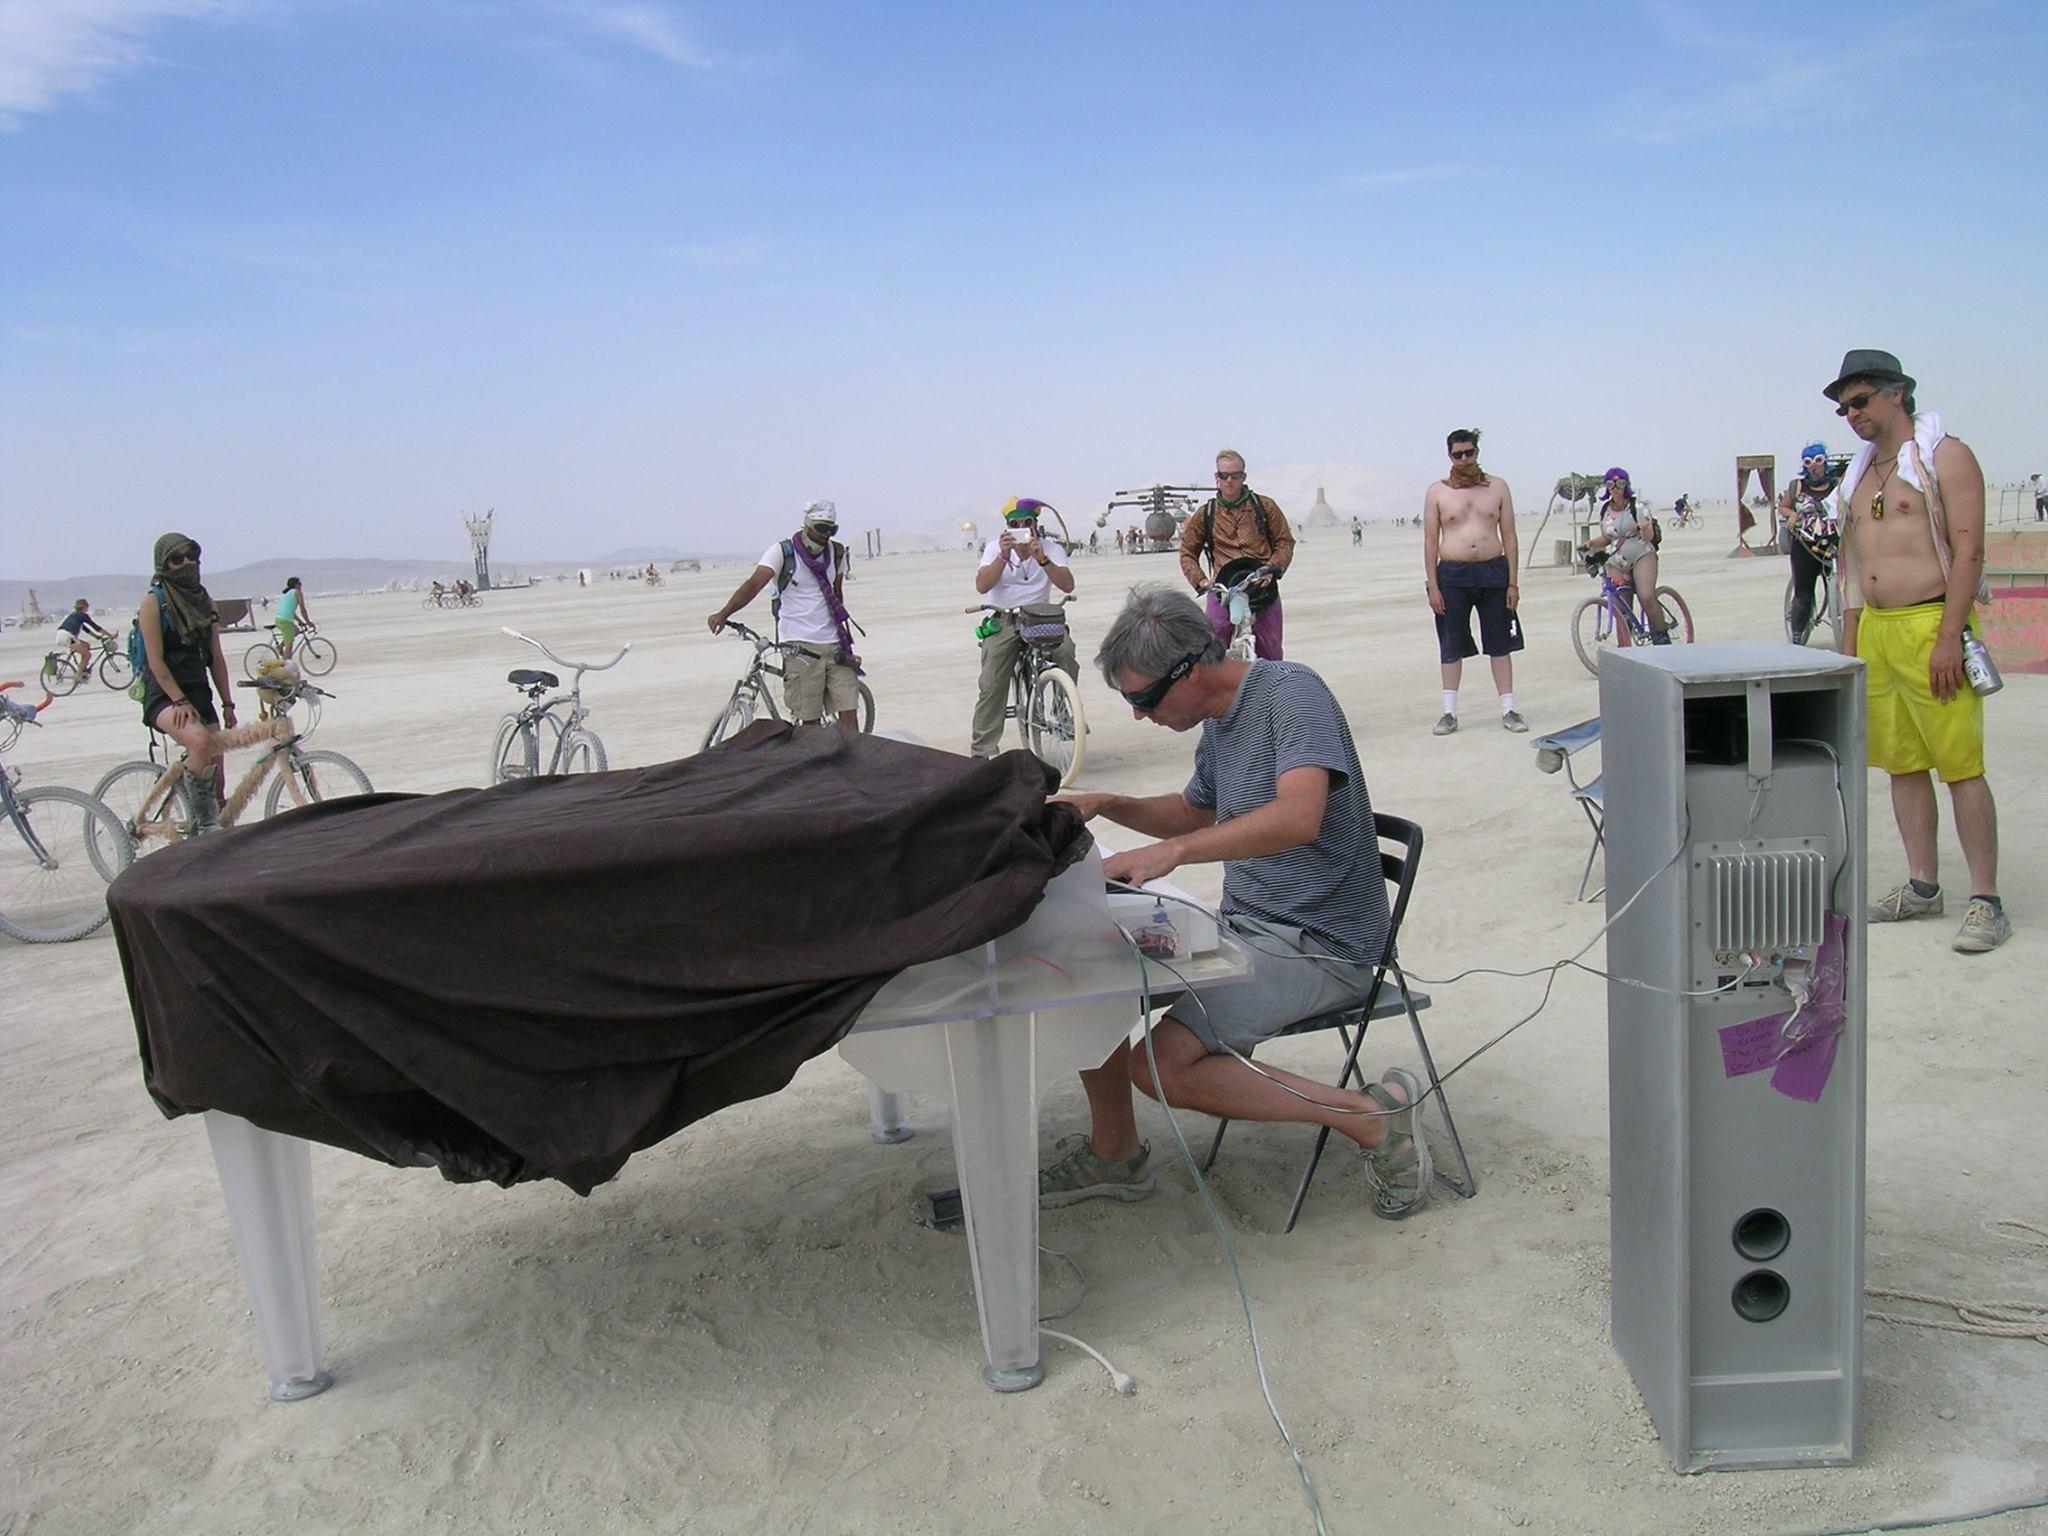 DF and PIANO at burning man.jpg